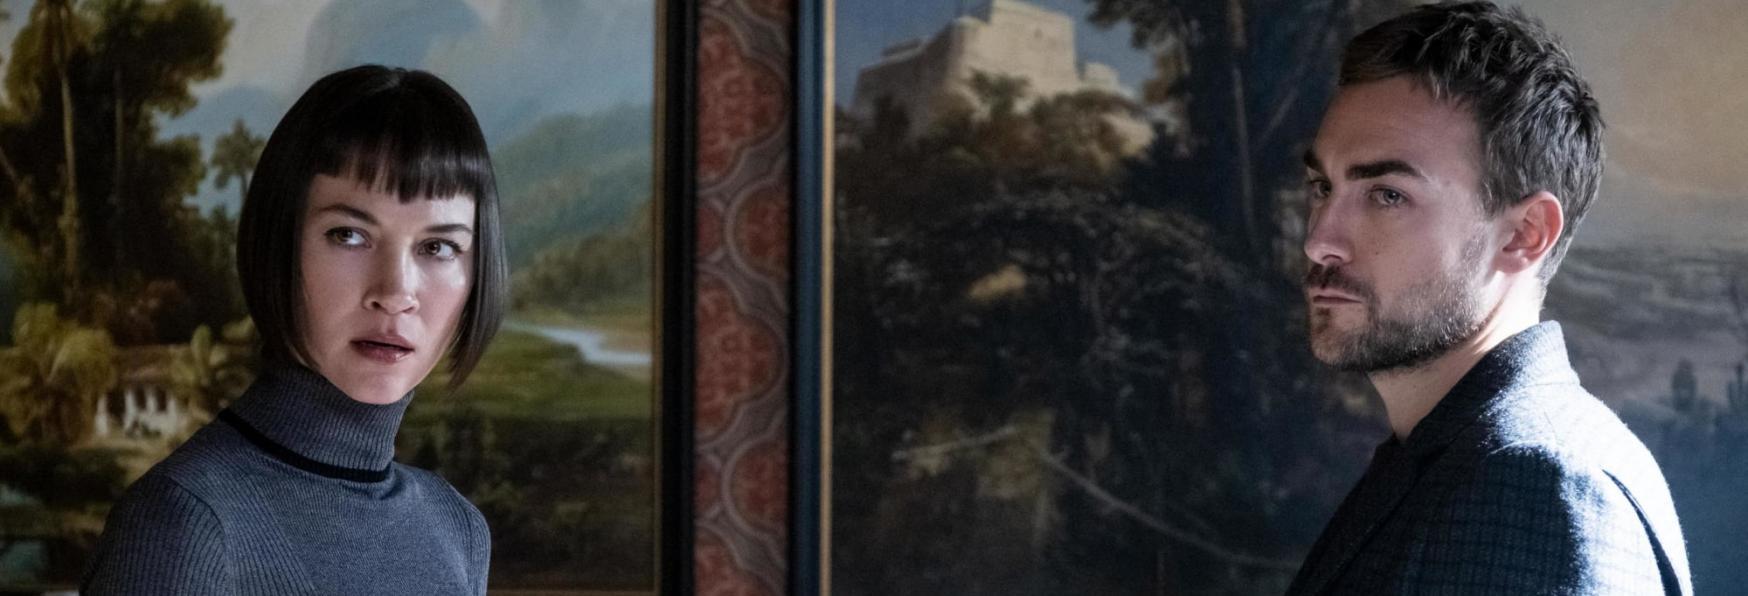 Helstrom: Rilasciato da Hulu il Trailer Ufficiale della Serie TV della Marvel